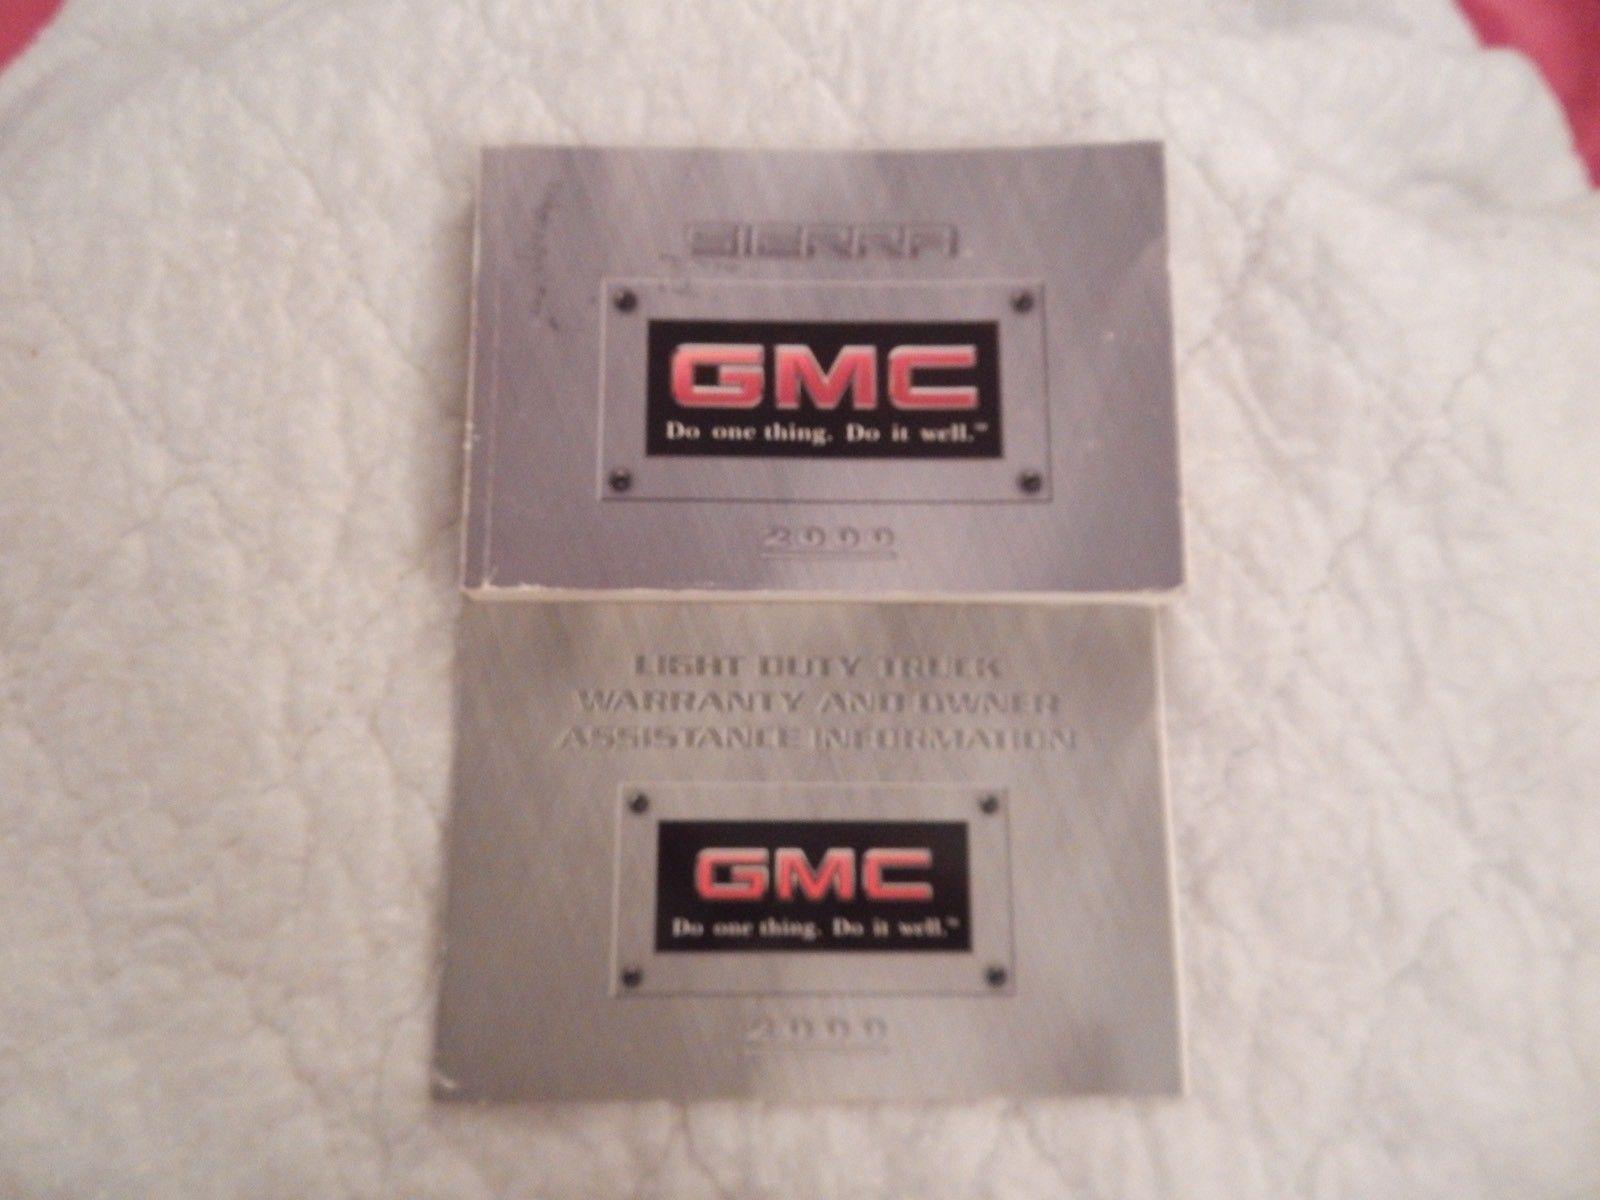 2000 gmc sierra owners manual with binder and similar items rh bonanza com 2005 GMC Sierra 2002 GMC Sierra